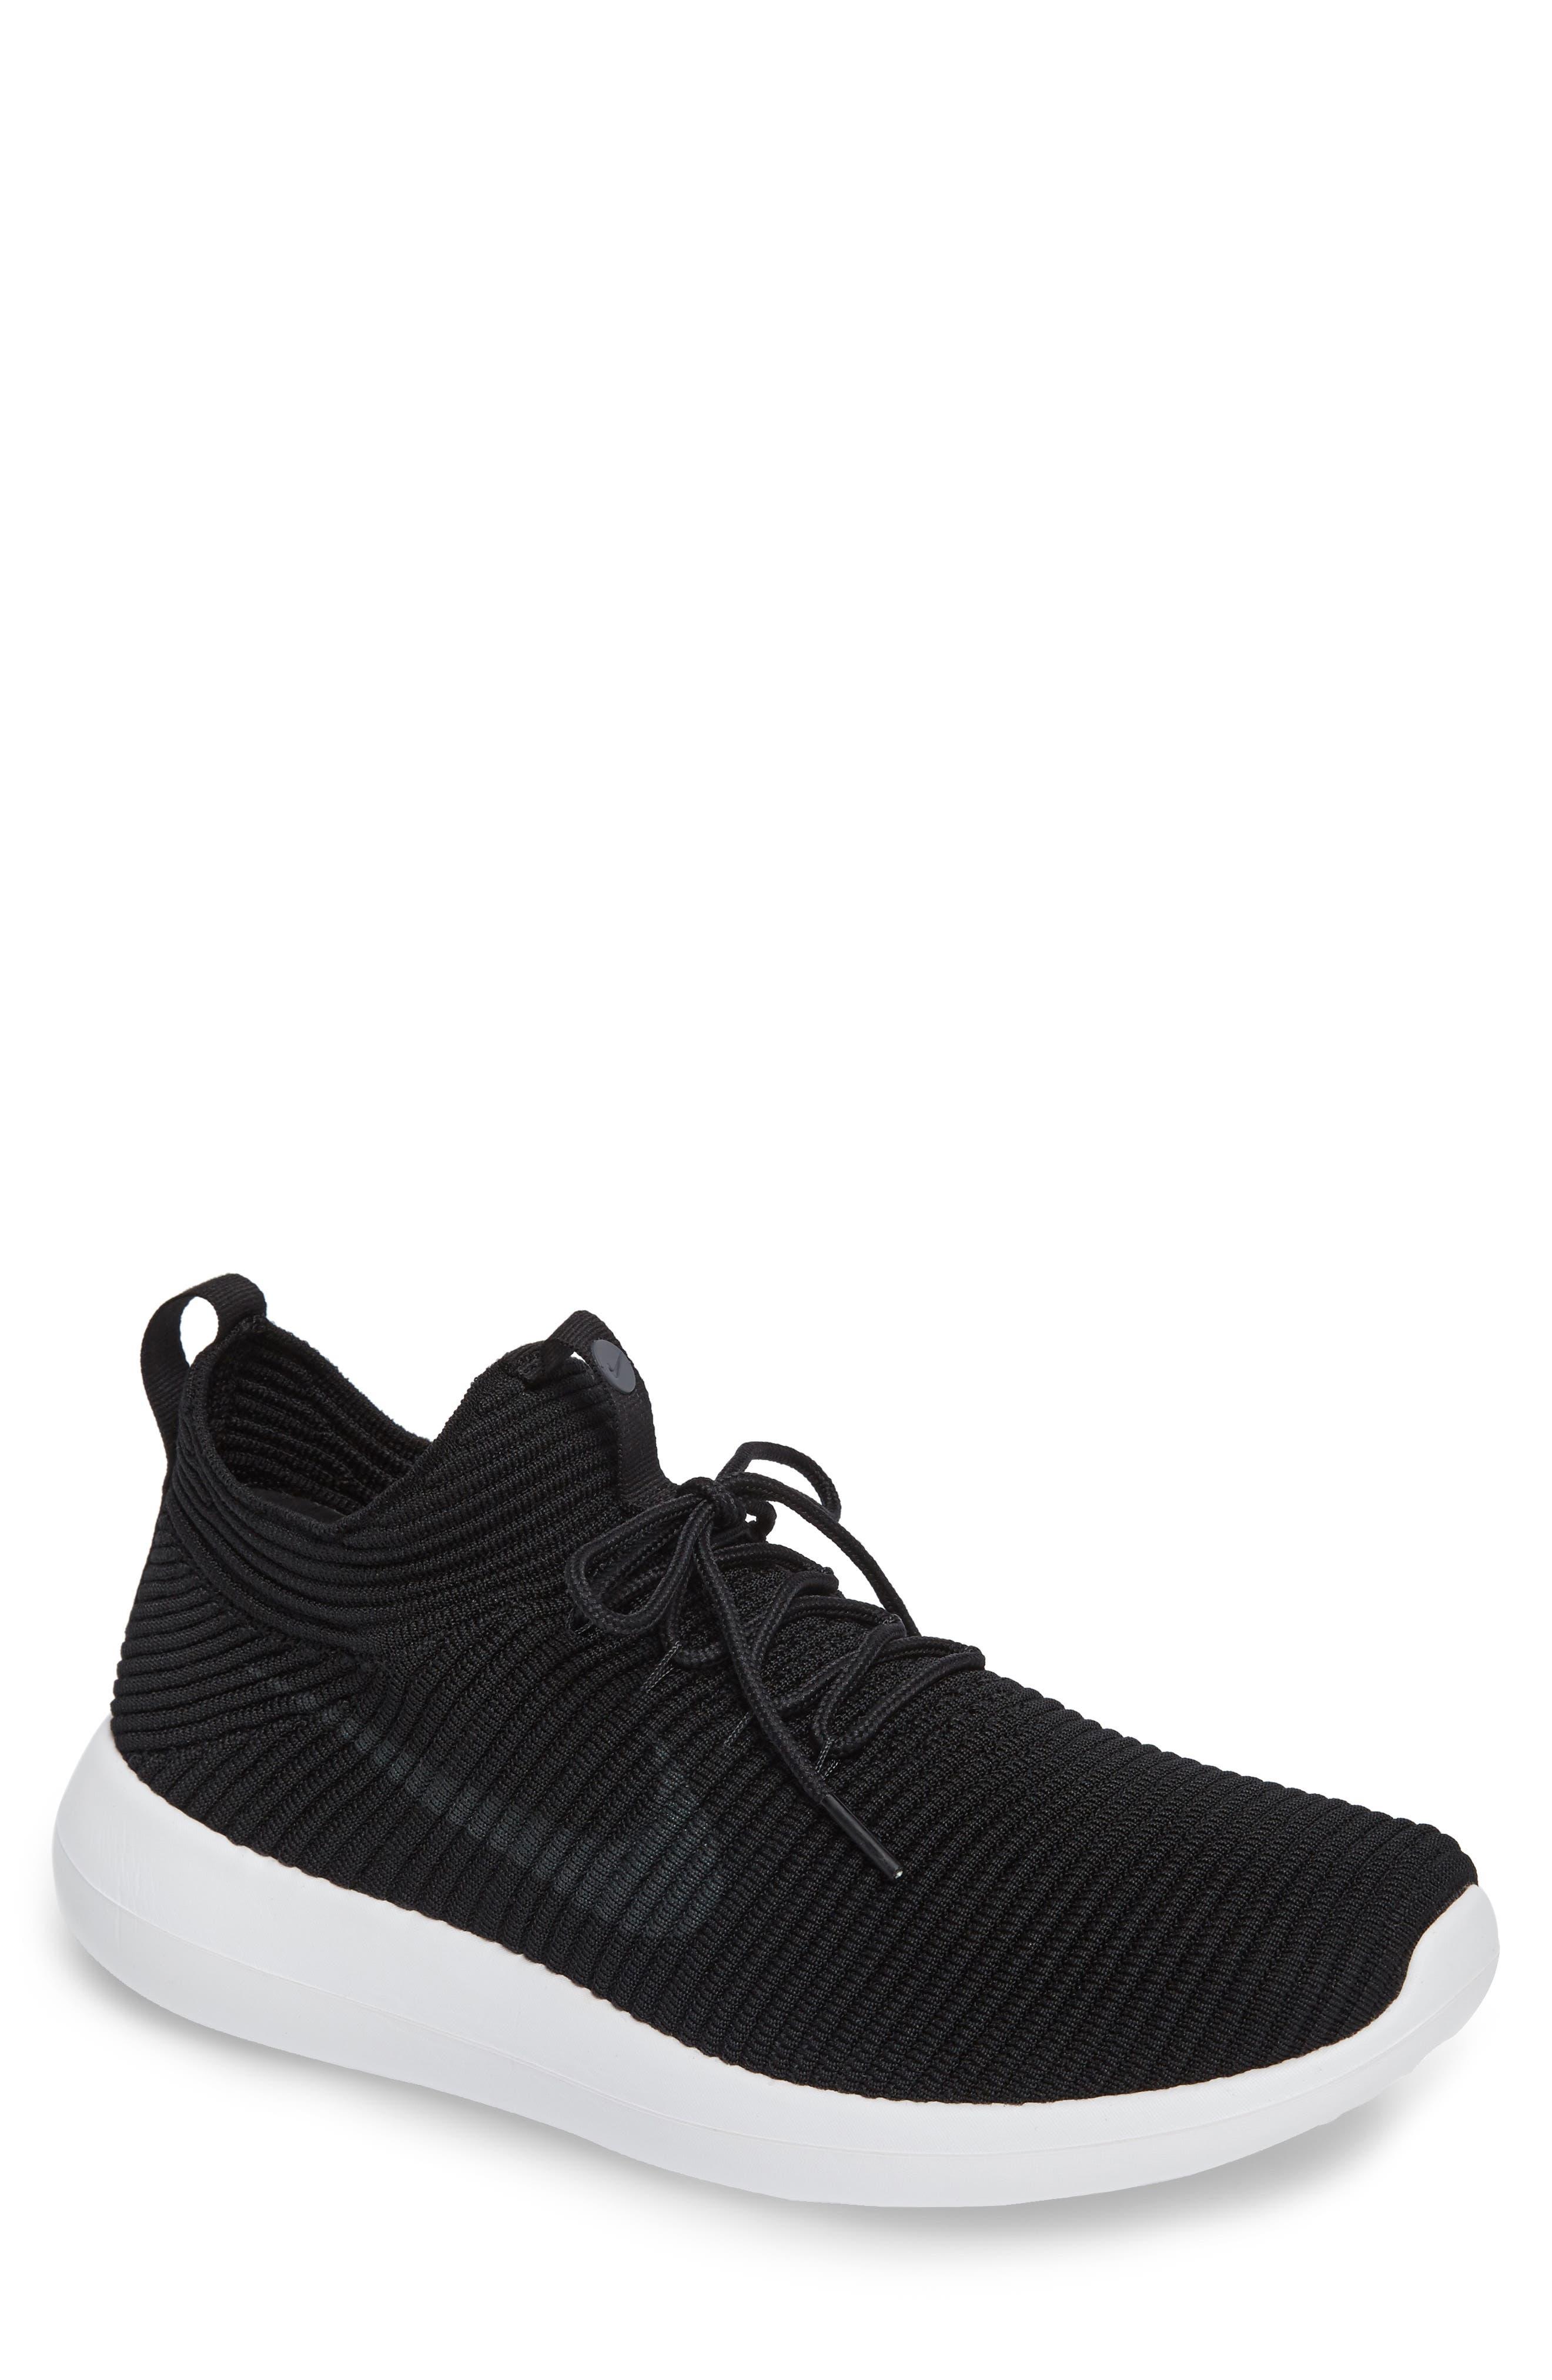 Main Image - Nike Roshe Two Flyknit V2 Sneaker (Men)